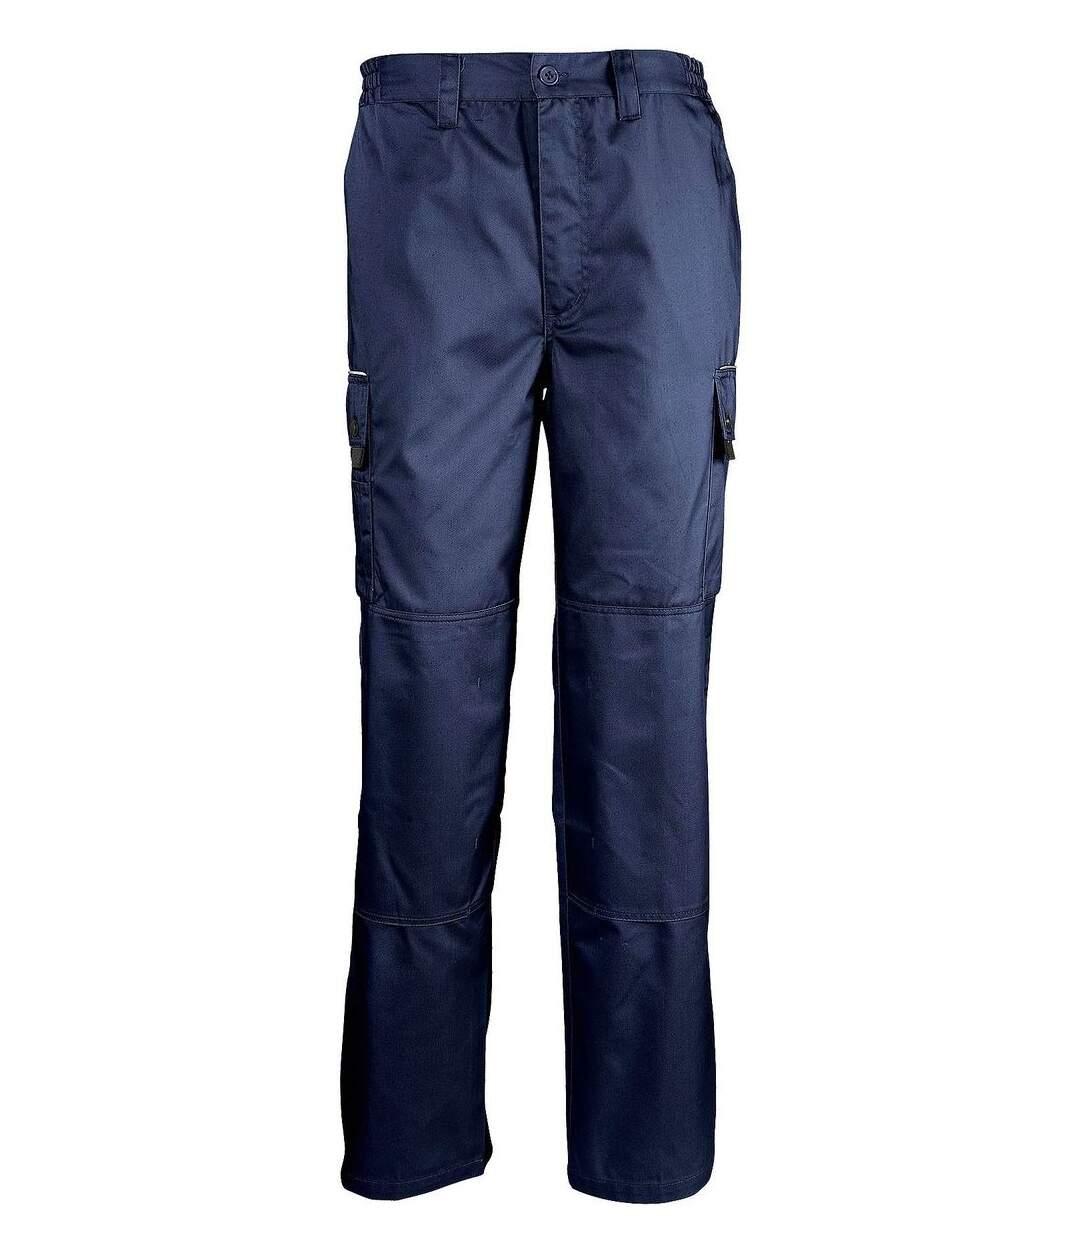 Pantalon de travail - workwear - PRO 80600 - bleu marine